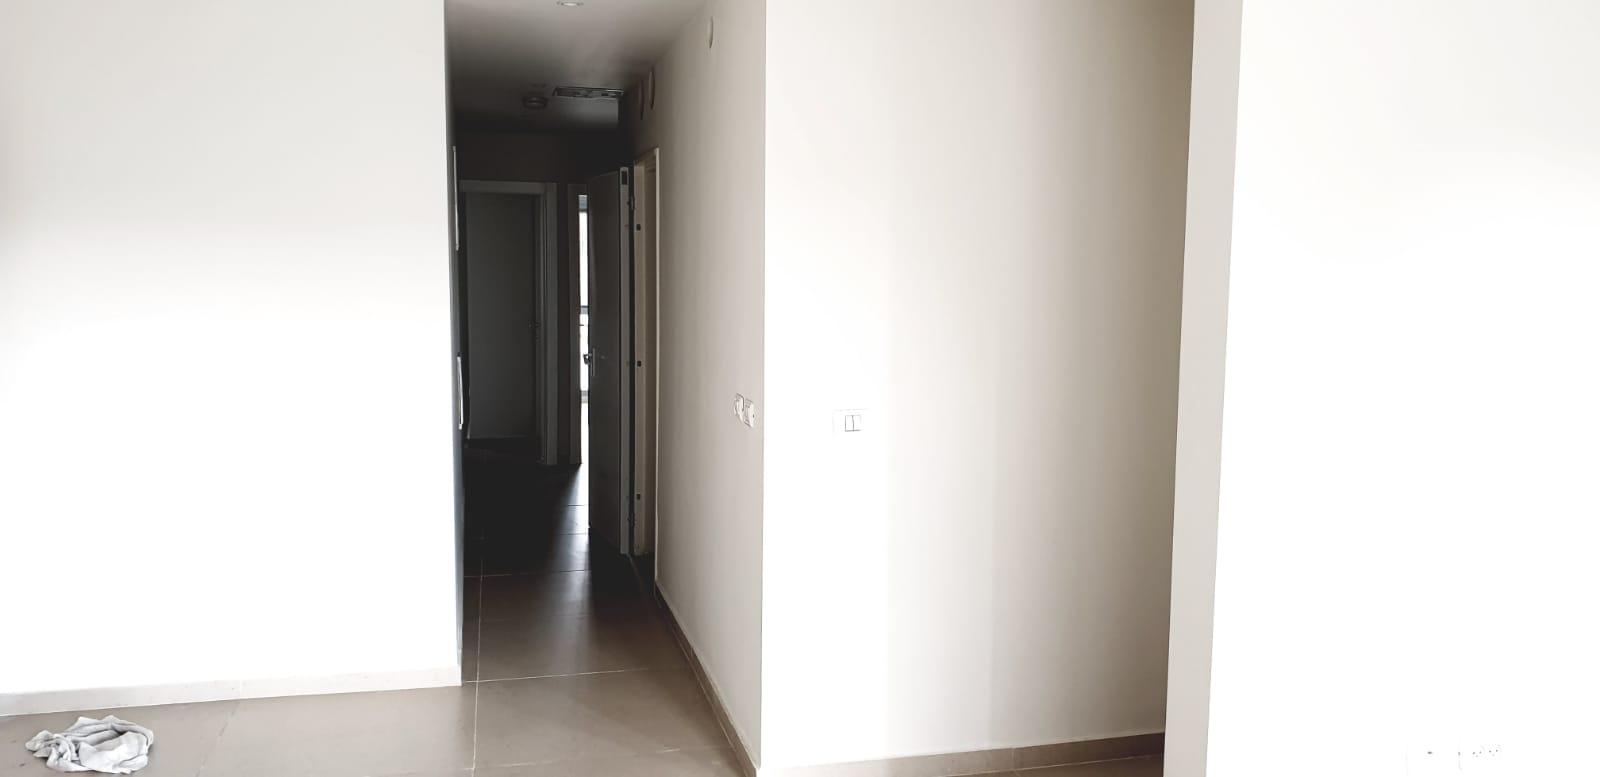 فيديو: بيت 3 غرف وصالون بمساحة 128 متراً للبيع في حي العجمي بيافا